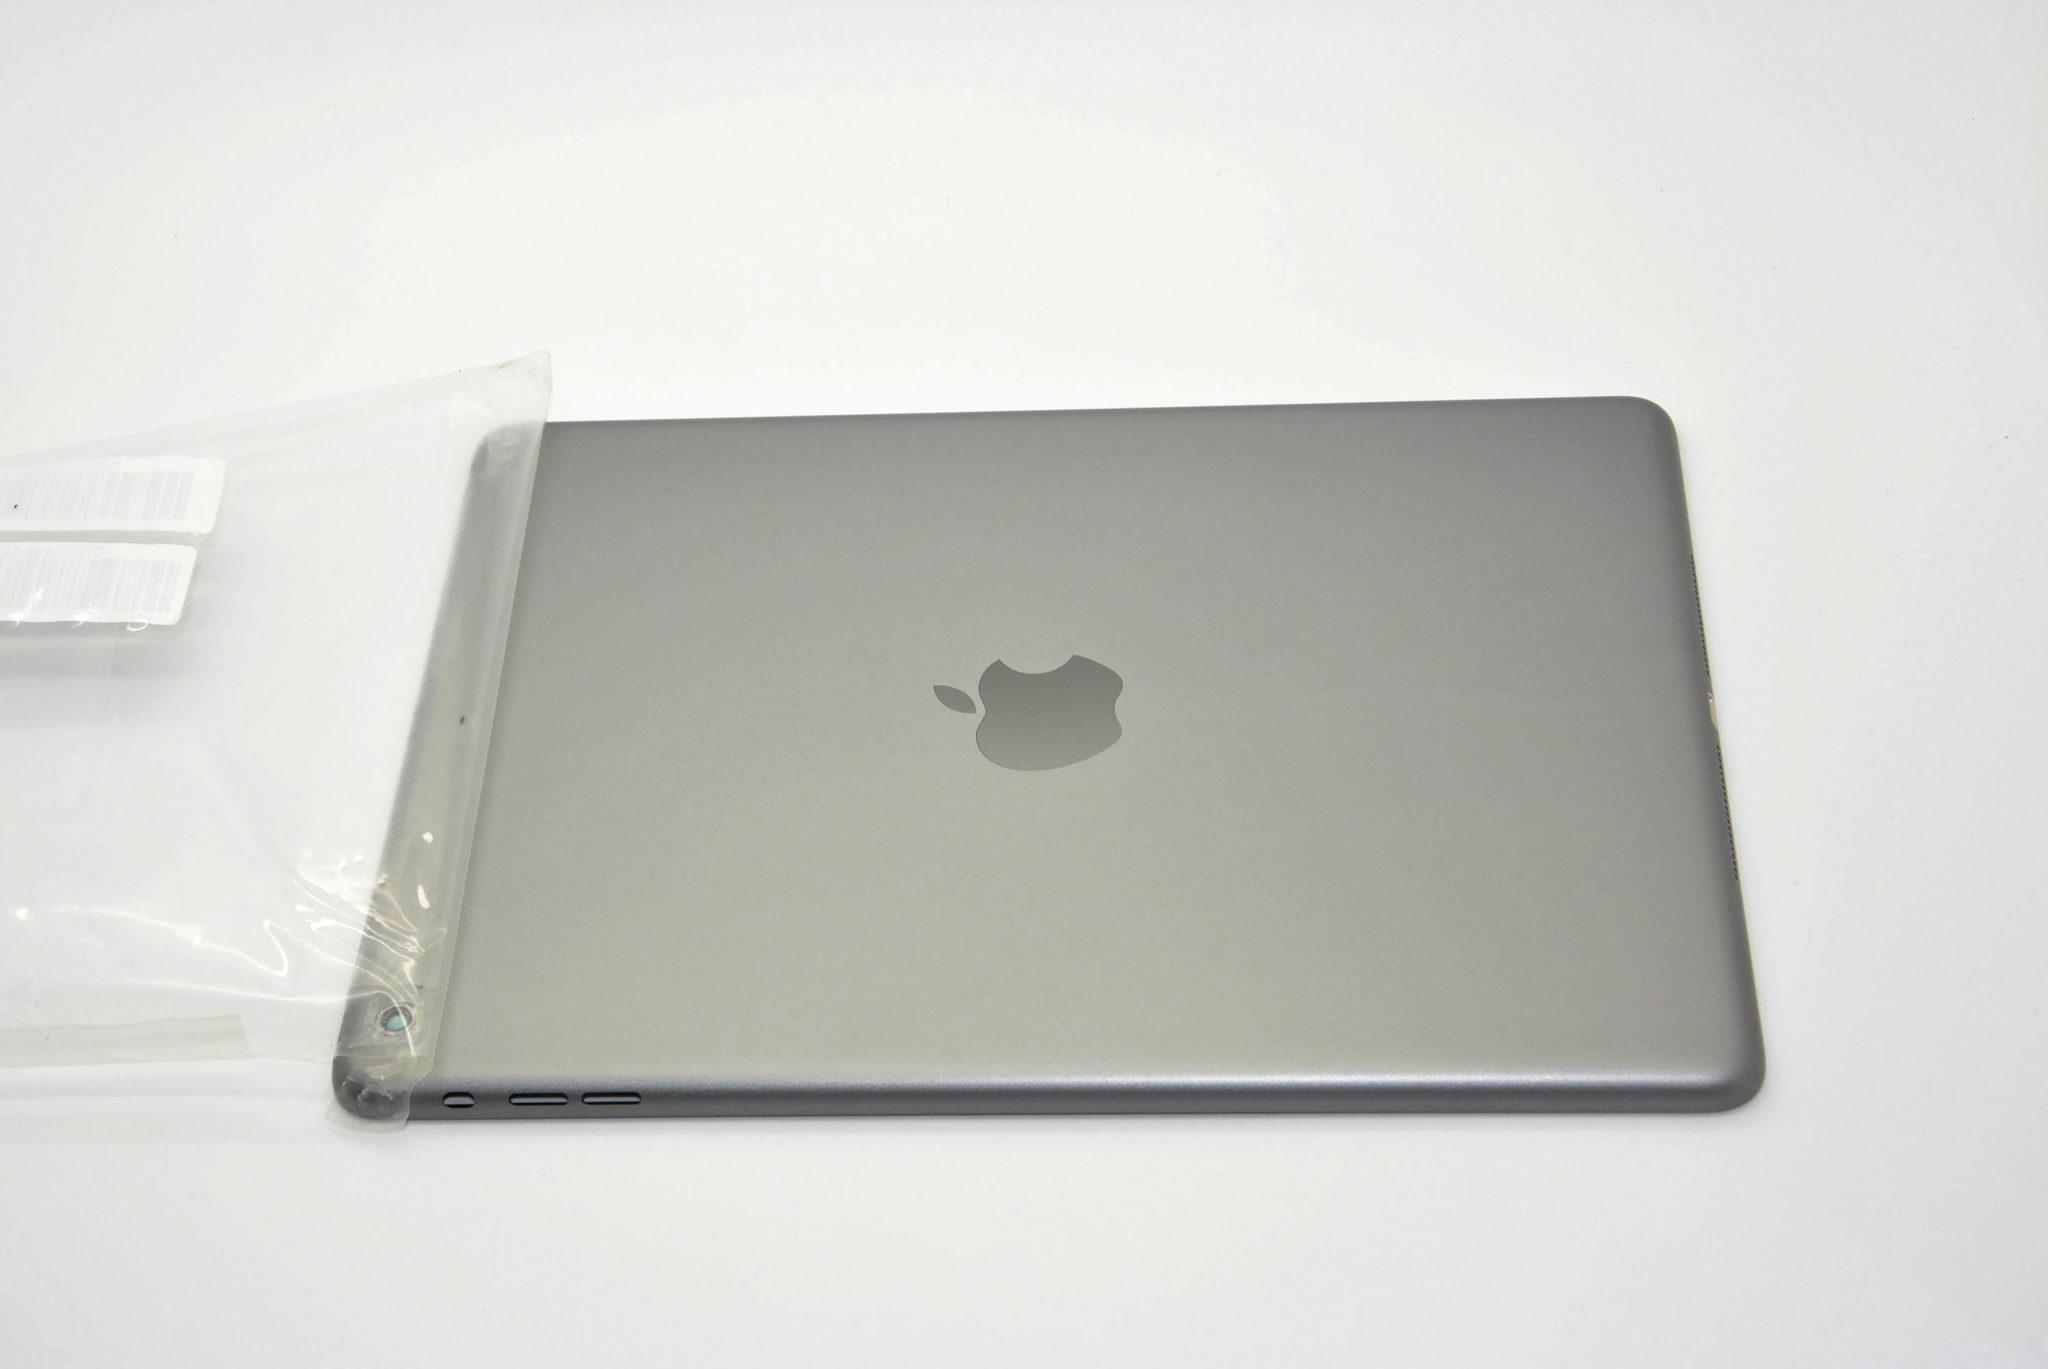 Rymgrå iPad 5